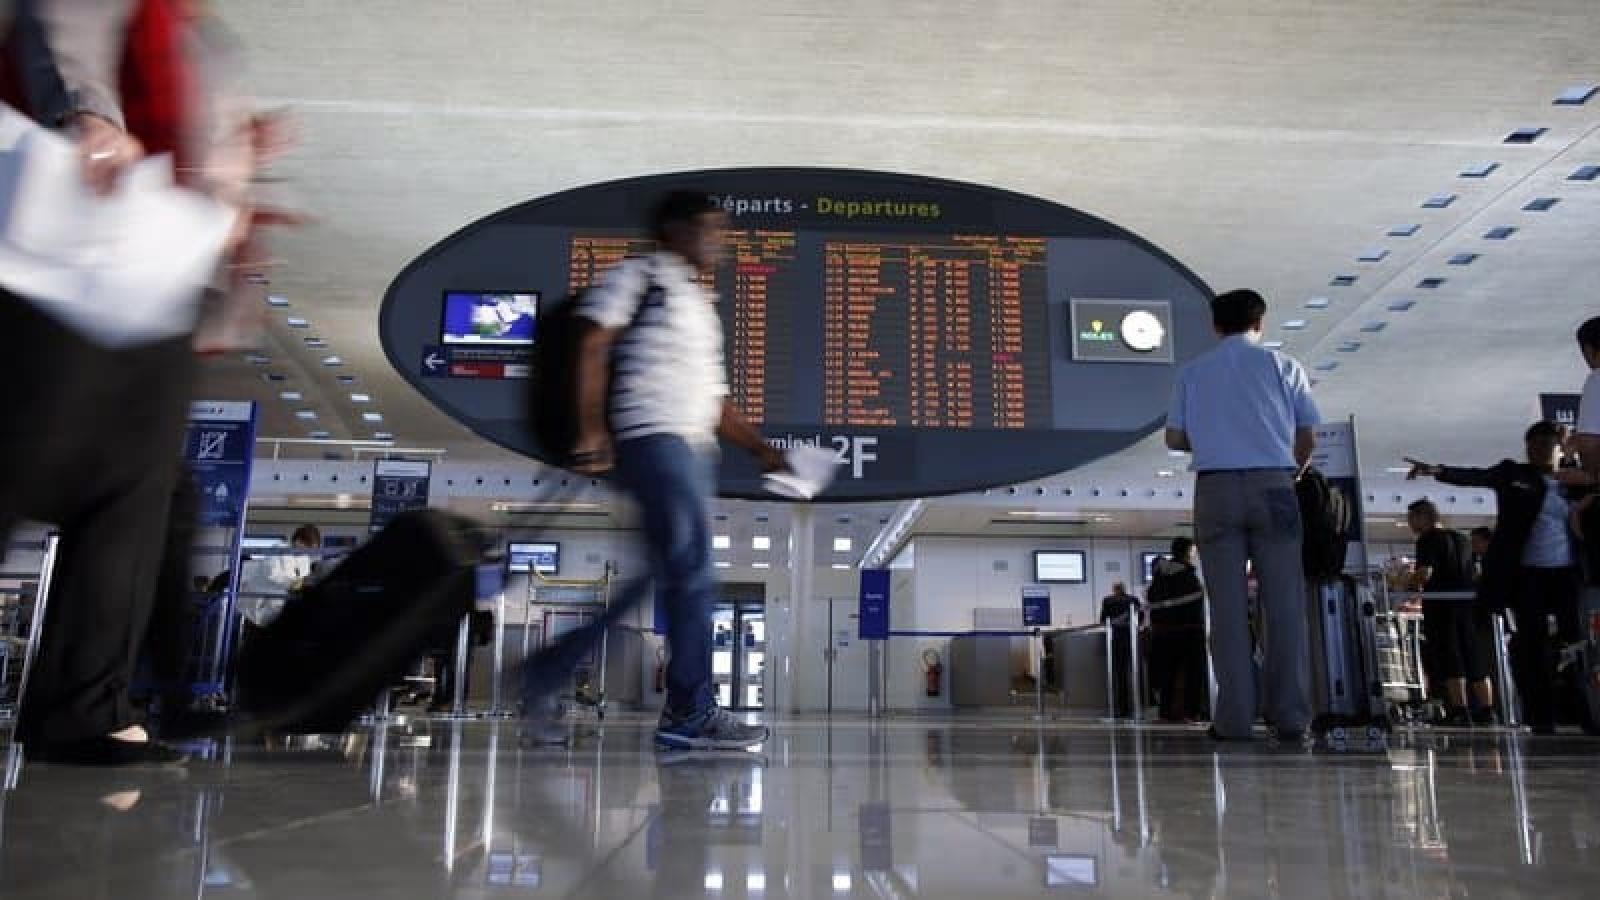 Pháp tính dừng các chuyến bay với Ấn Độ do lo ngại biến thể virus SARS-CoV-2